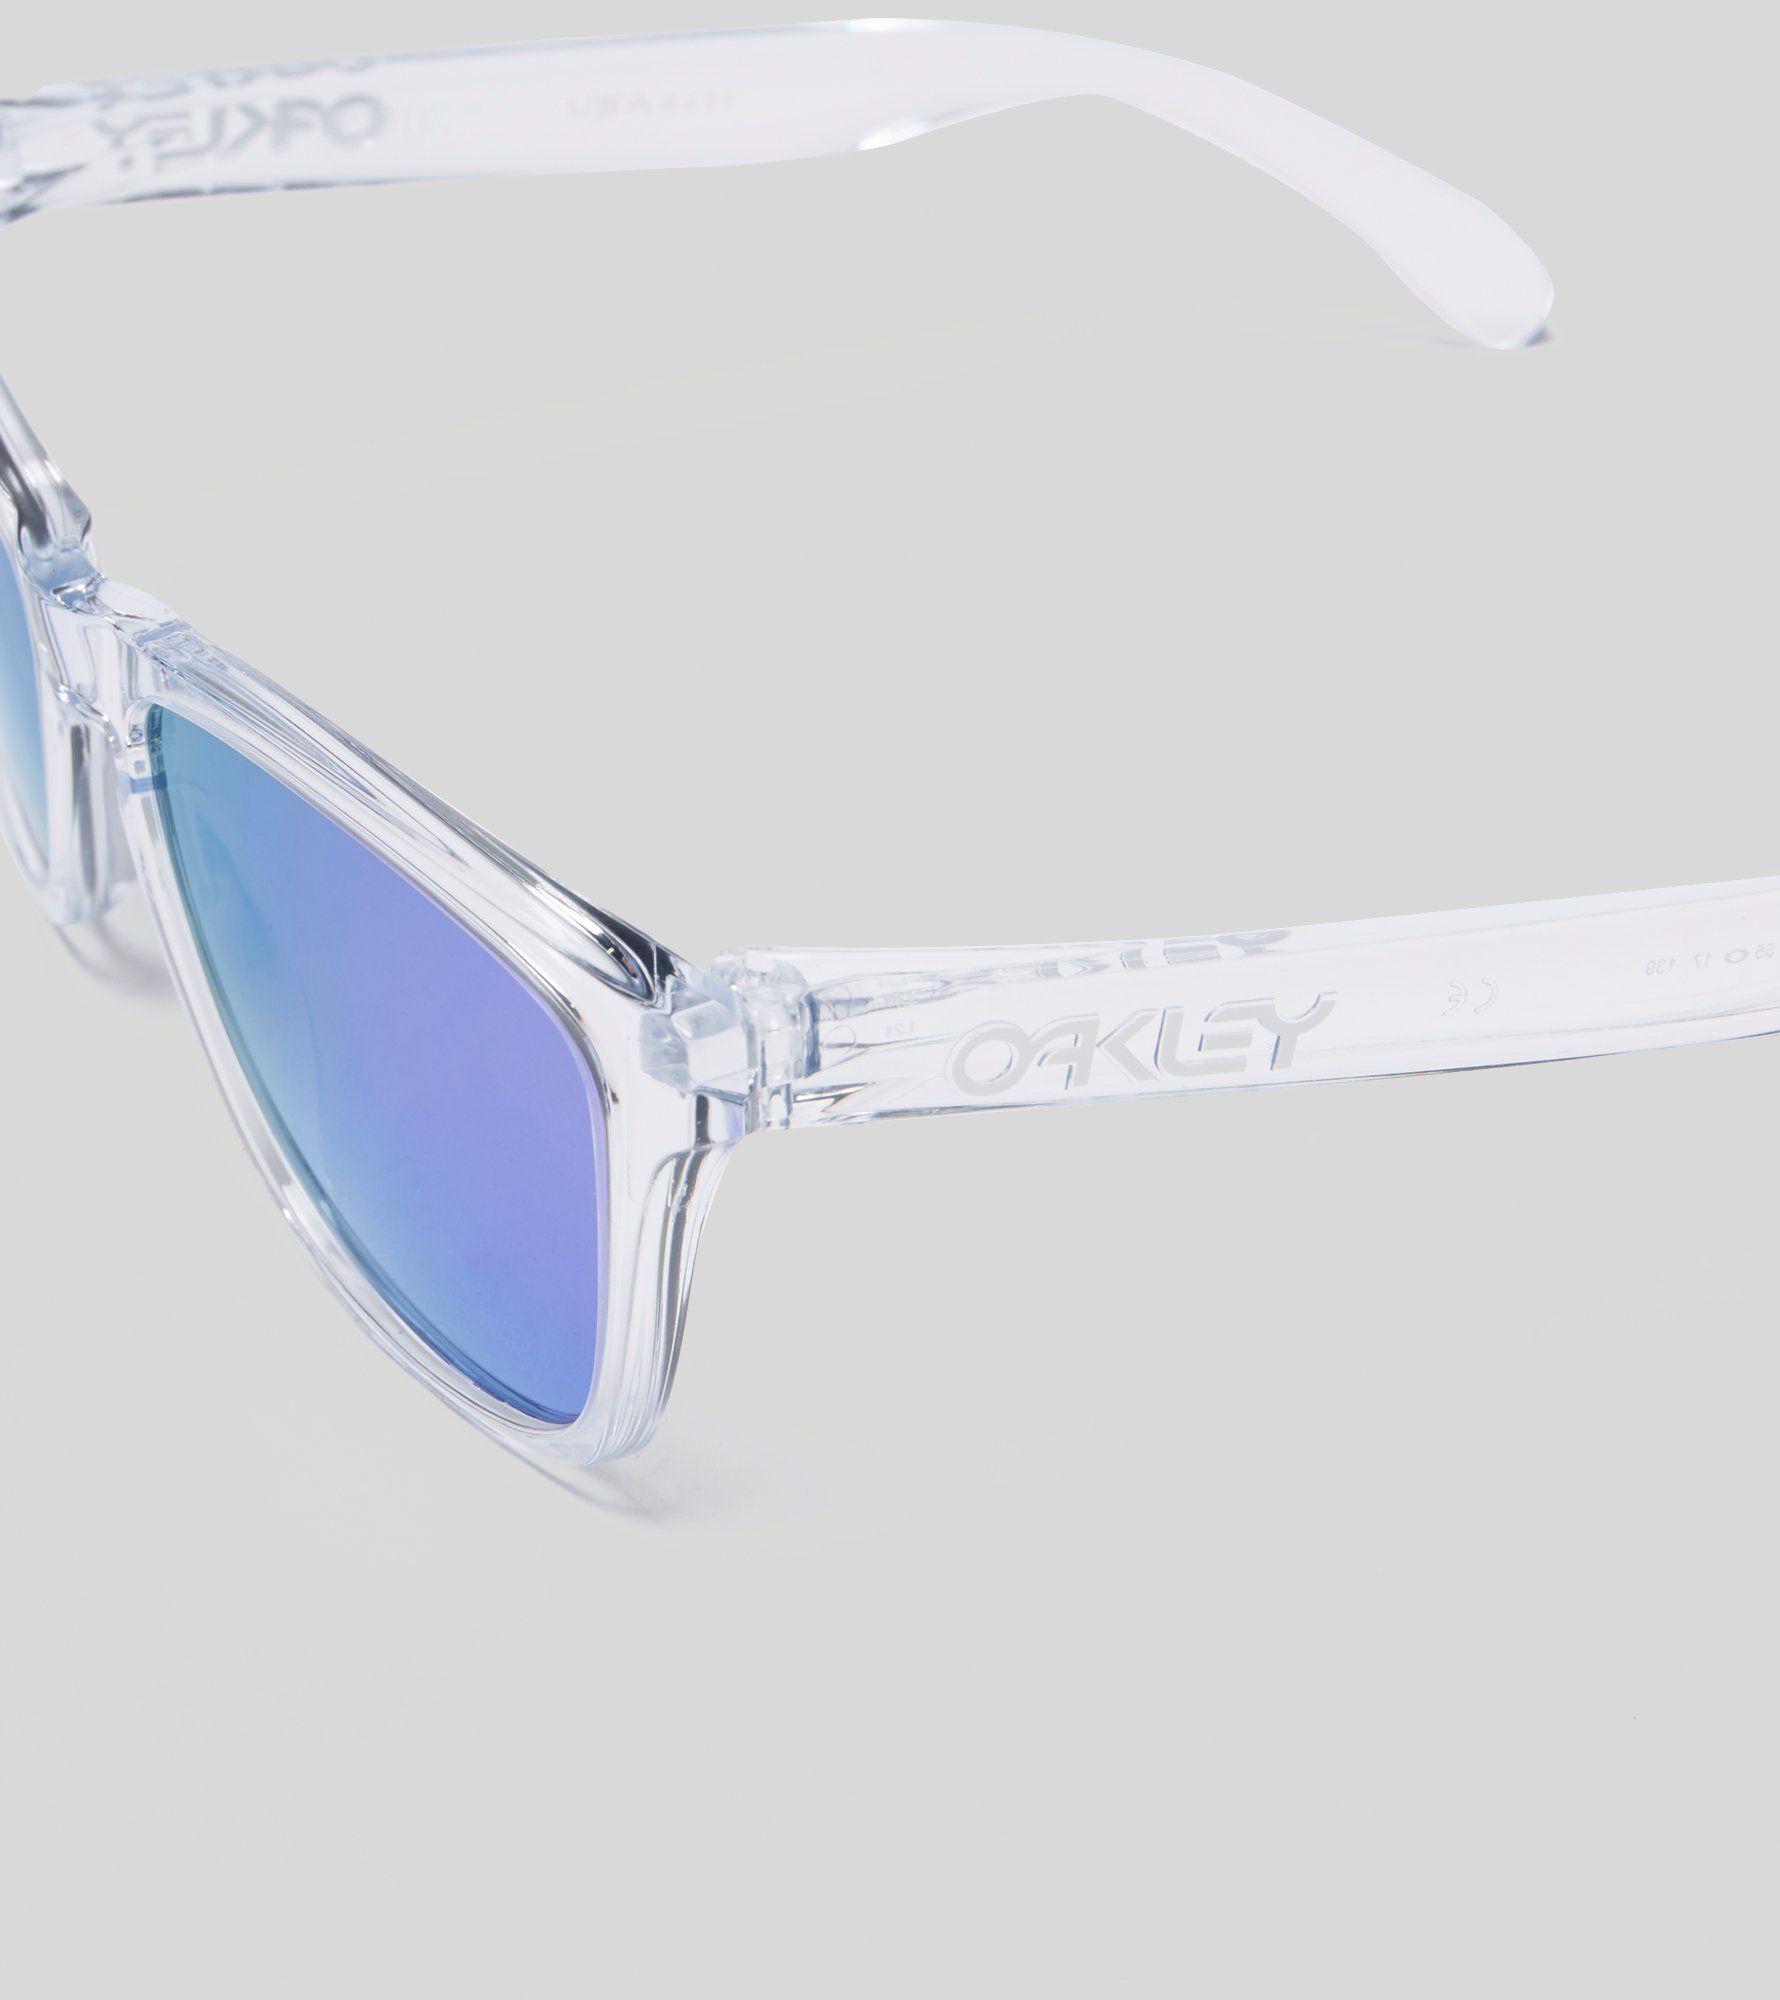 Oakley Frogskin Crystal Clear Sunglasses